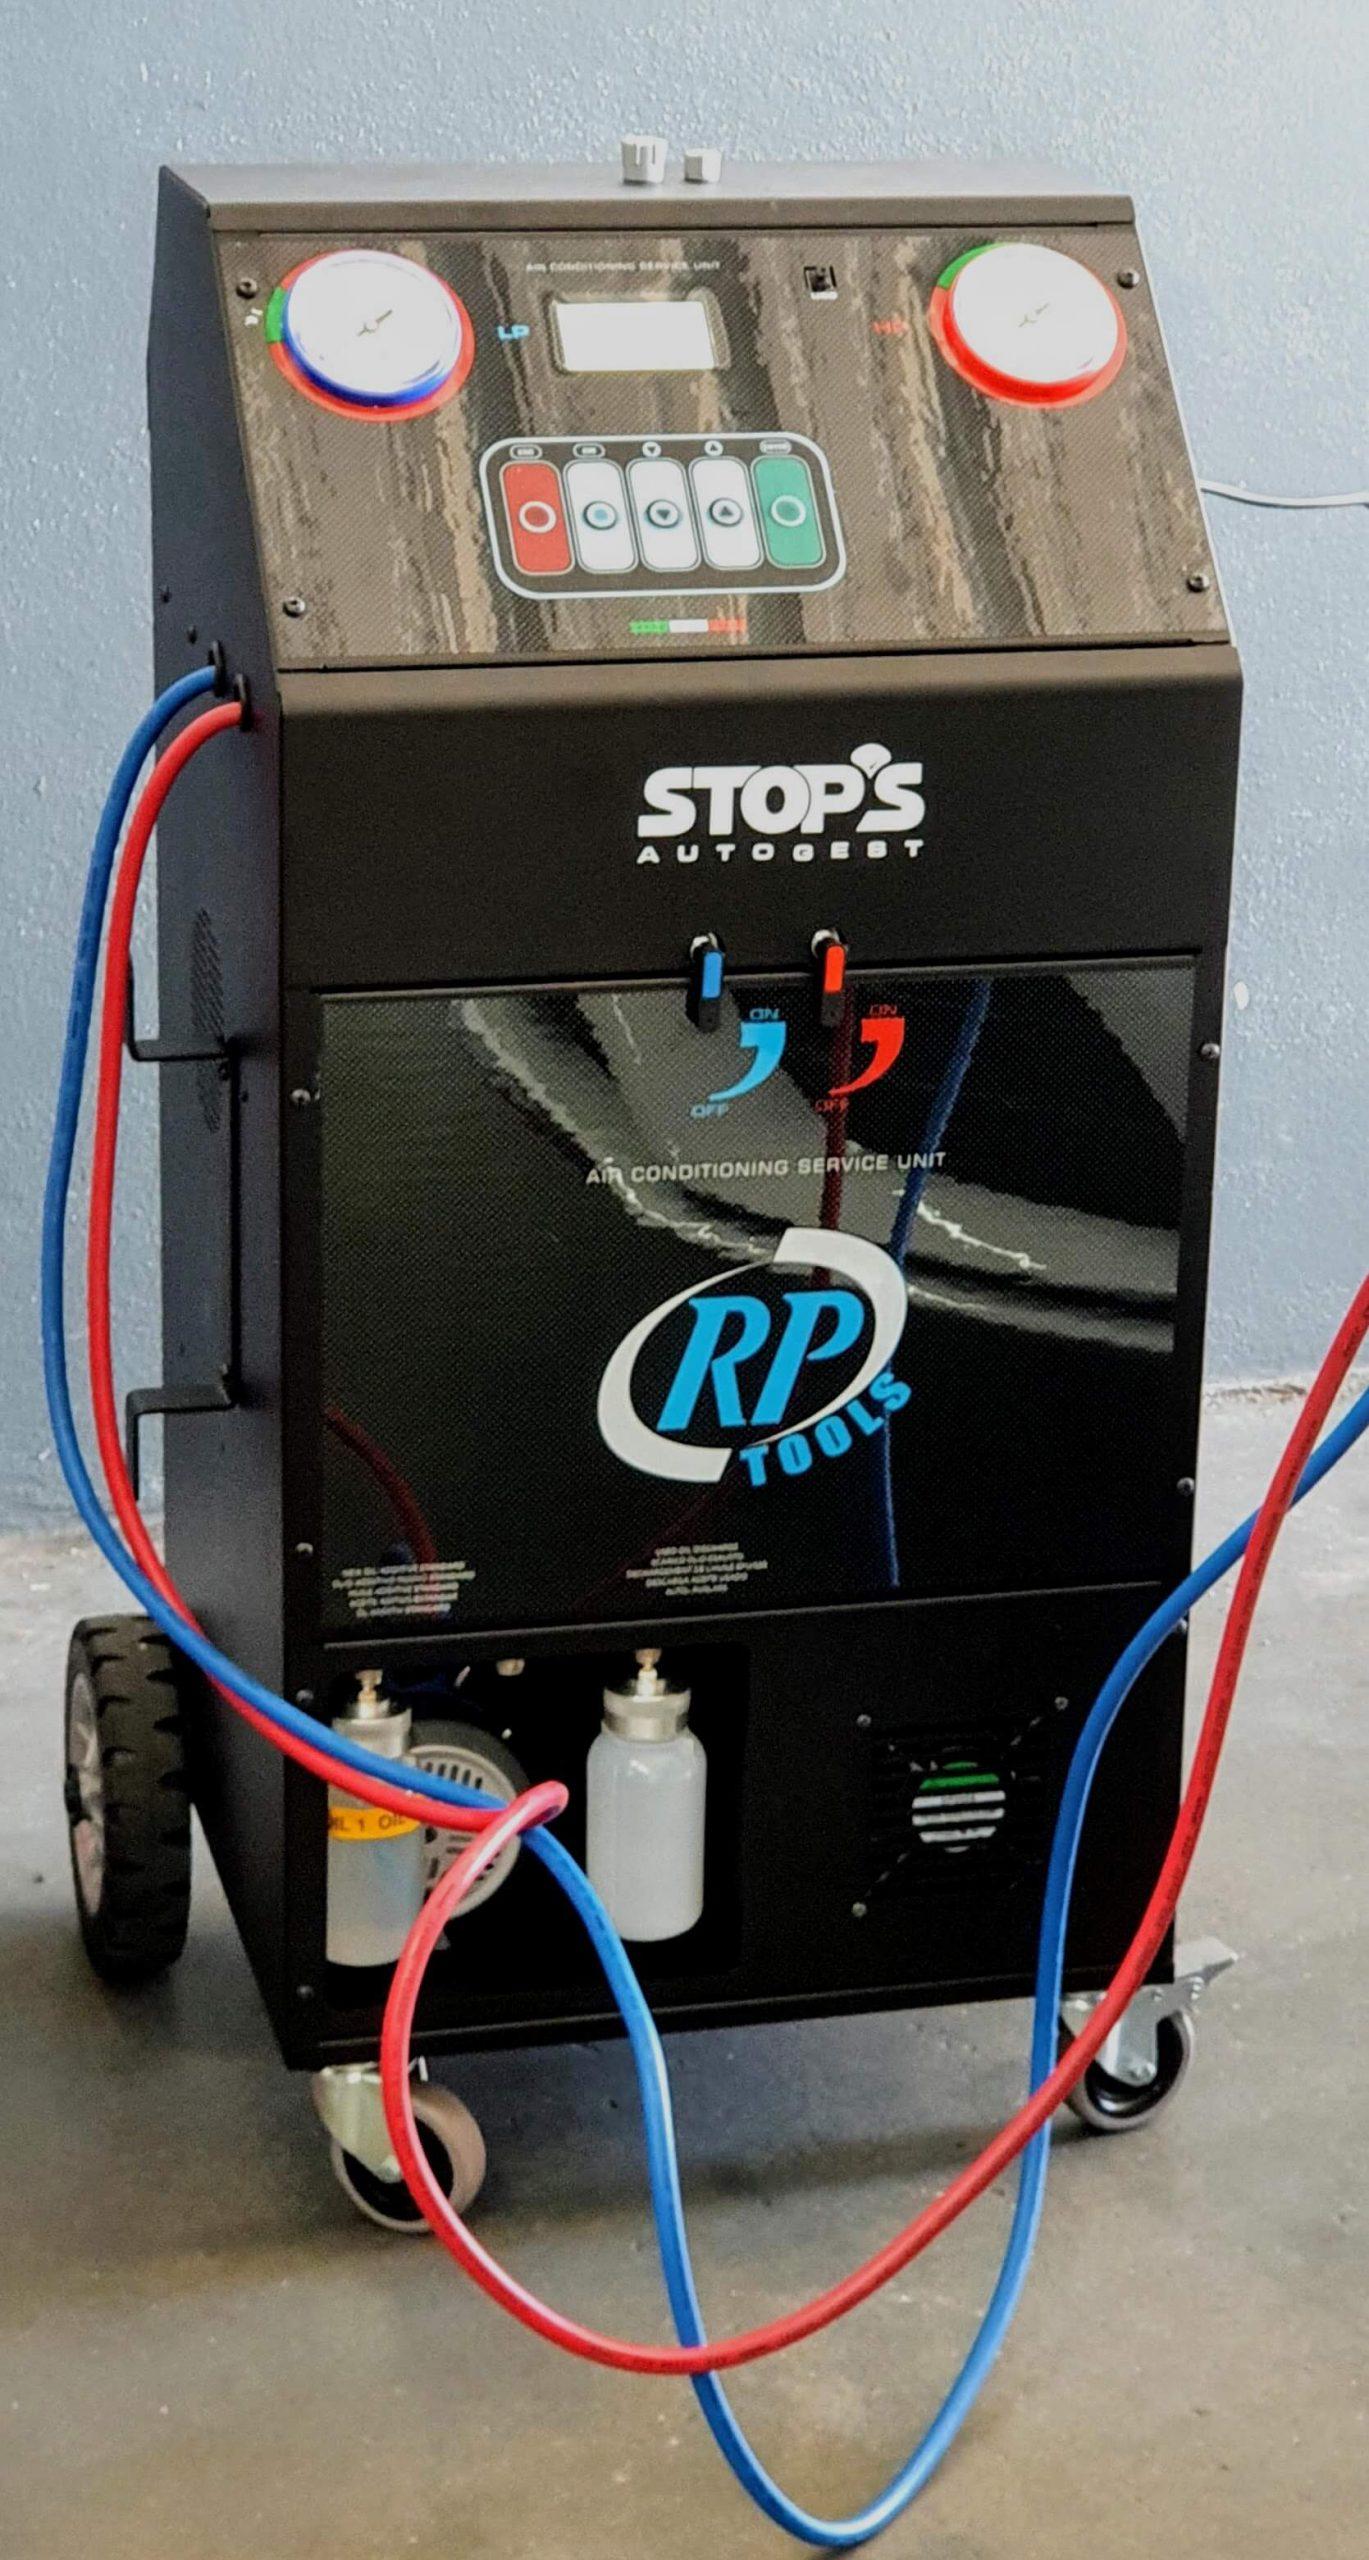 odas as máquinas de ar condicionado para o gás R1234yf que saem para o mercado atualmente, devem corresponder à norma SAE Standard J2843. Esta norma obriga as máquinas a ter algumas características, tais como:  Recuperar pelos menos 95% do gás do sistema de ar condicionado; Os filtros devem ter a capacidade de 150kg; Possuir uma porta USB para ligar um identificador de gás ou um indentificador de gás incorporado; Não recarregar o sistema de ar condicionado se detetar uma fuga.